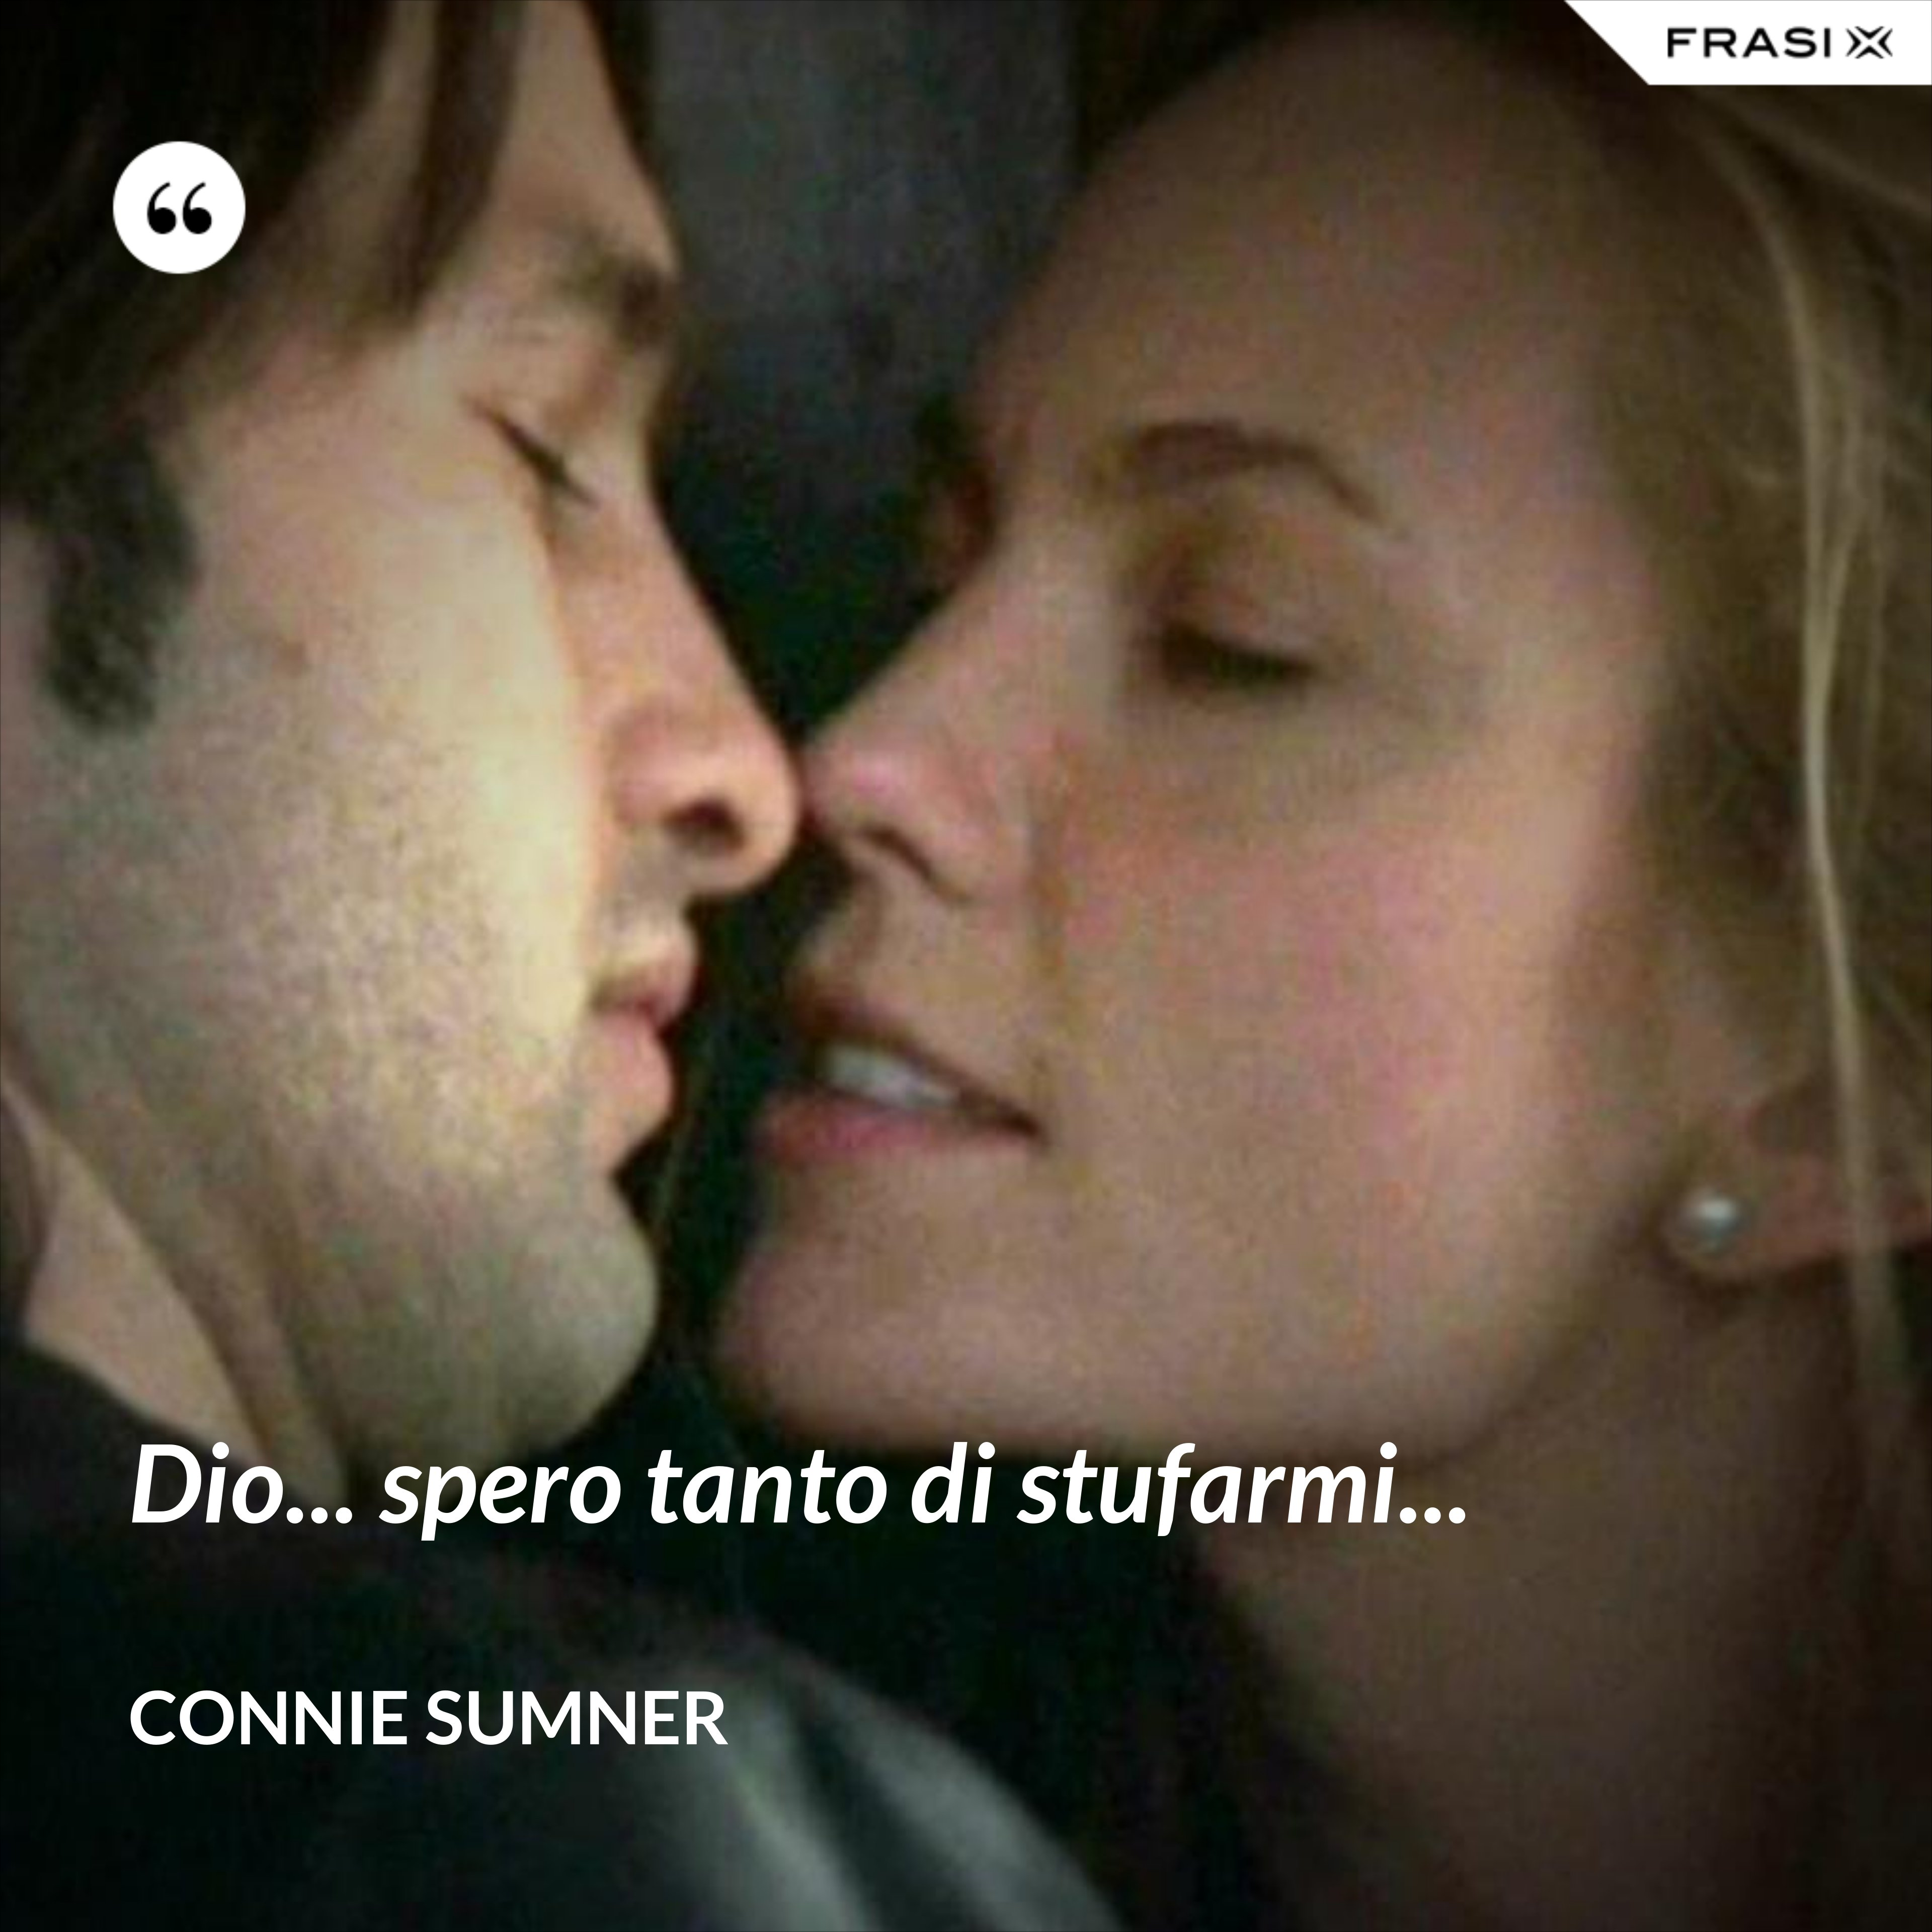 Dio... spero tanto di stufarmi... - Connie Sumner